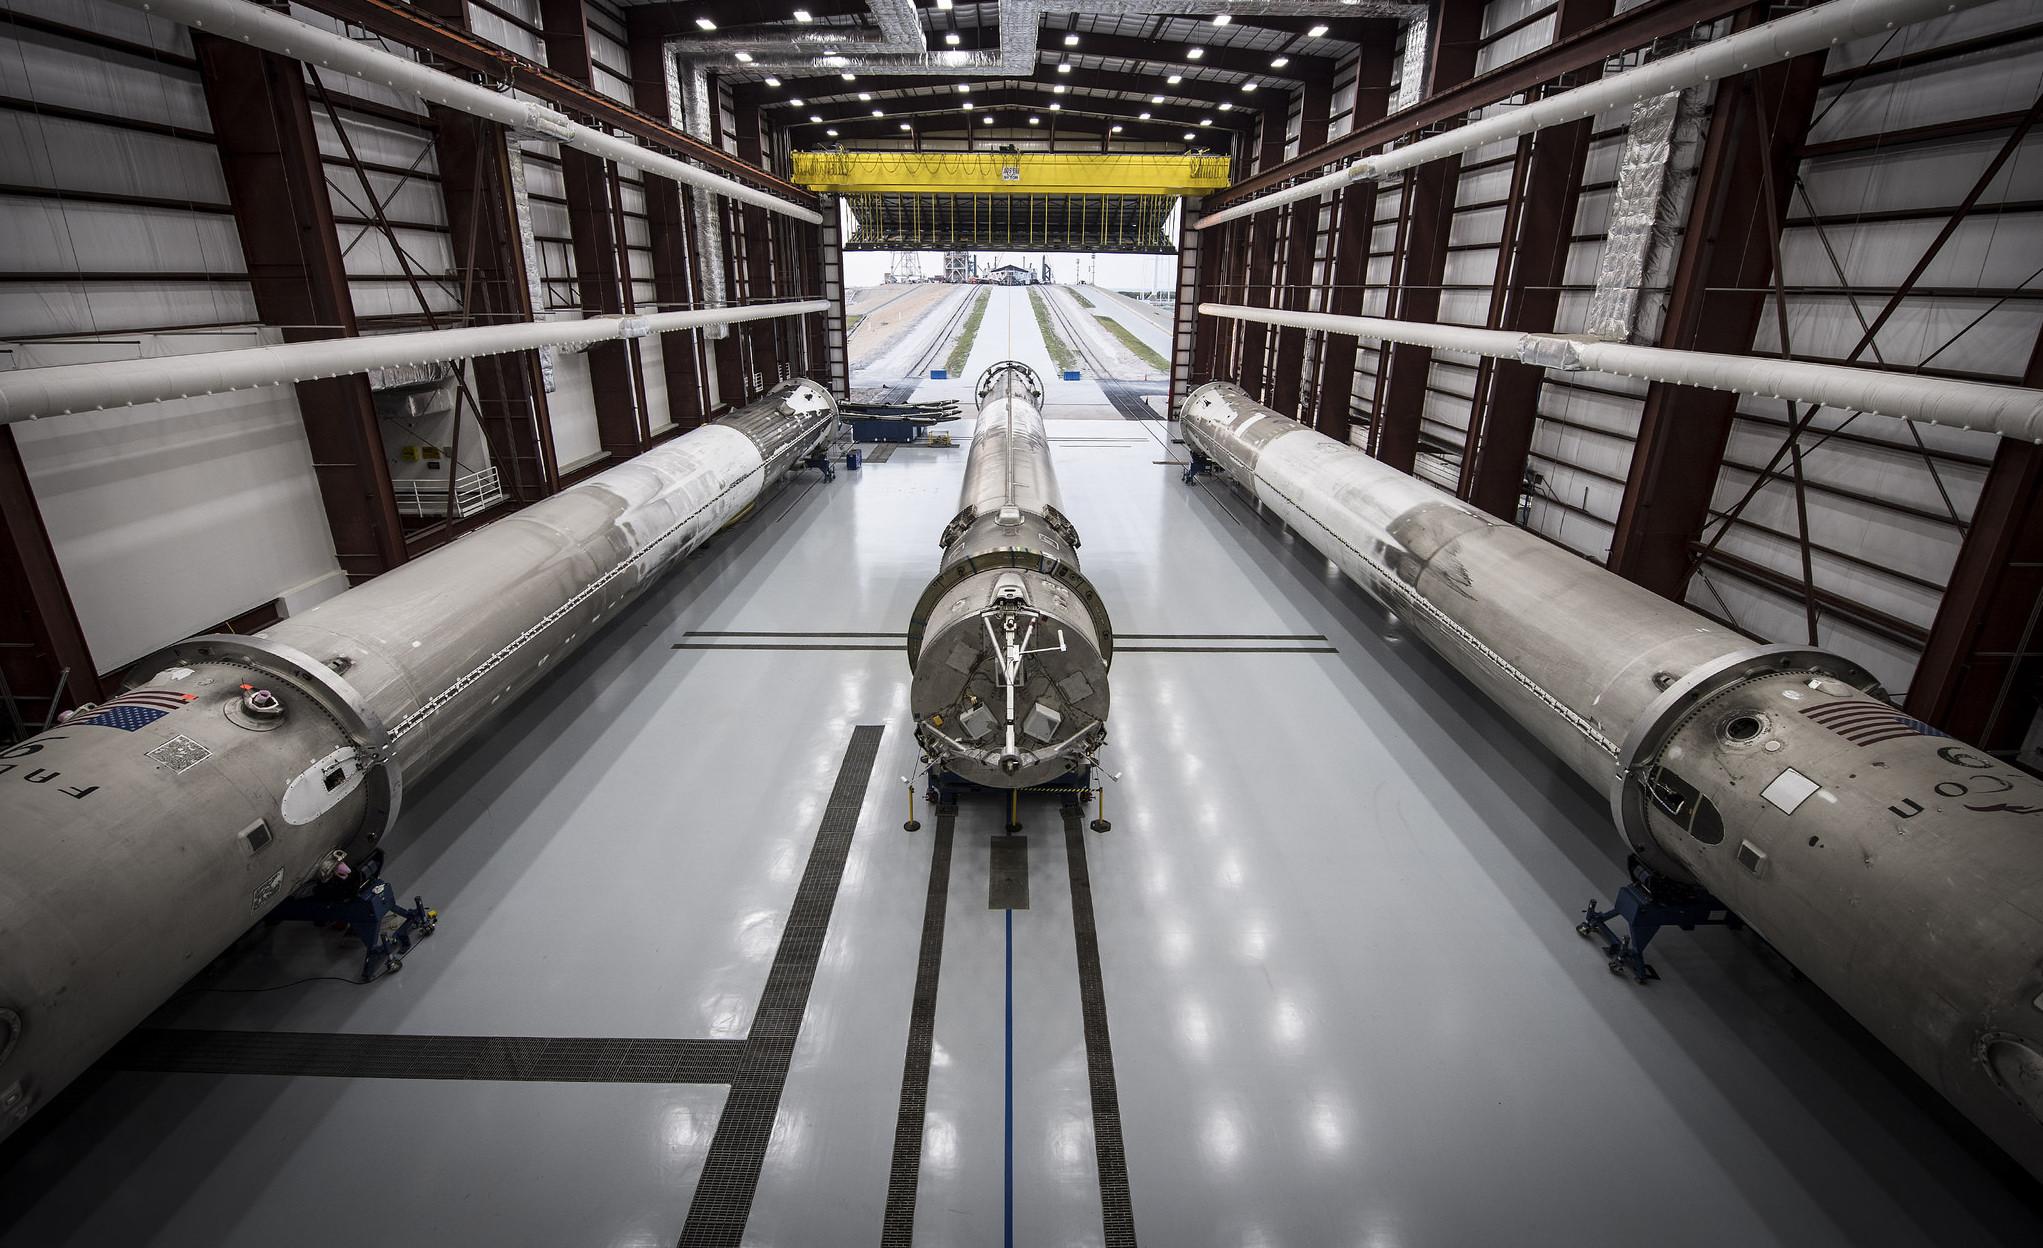 spacex-rocket-hangar-refurbishment